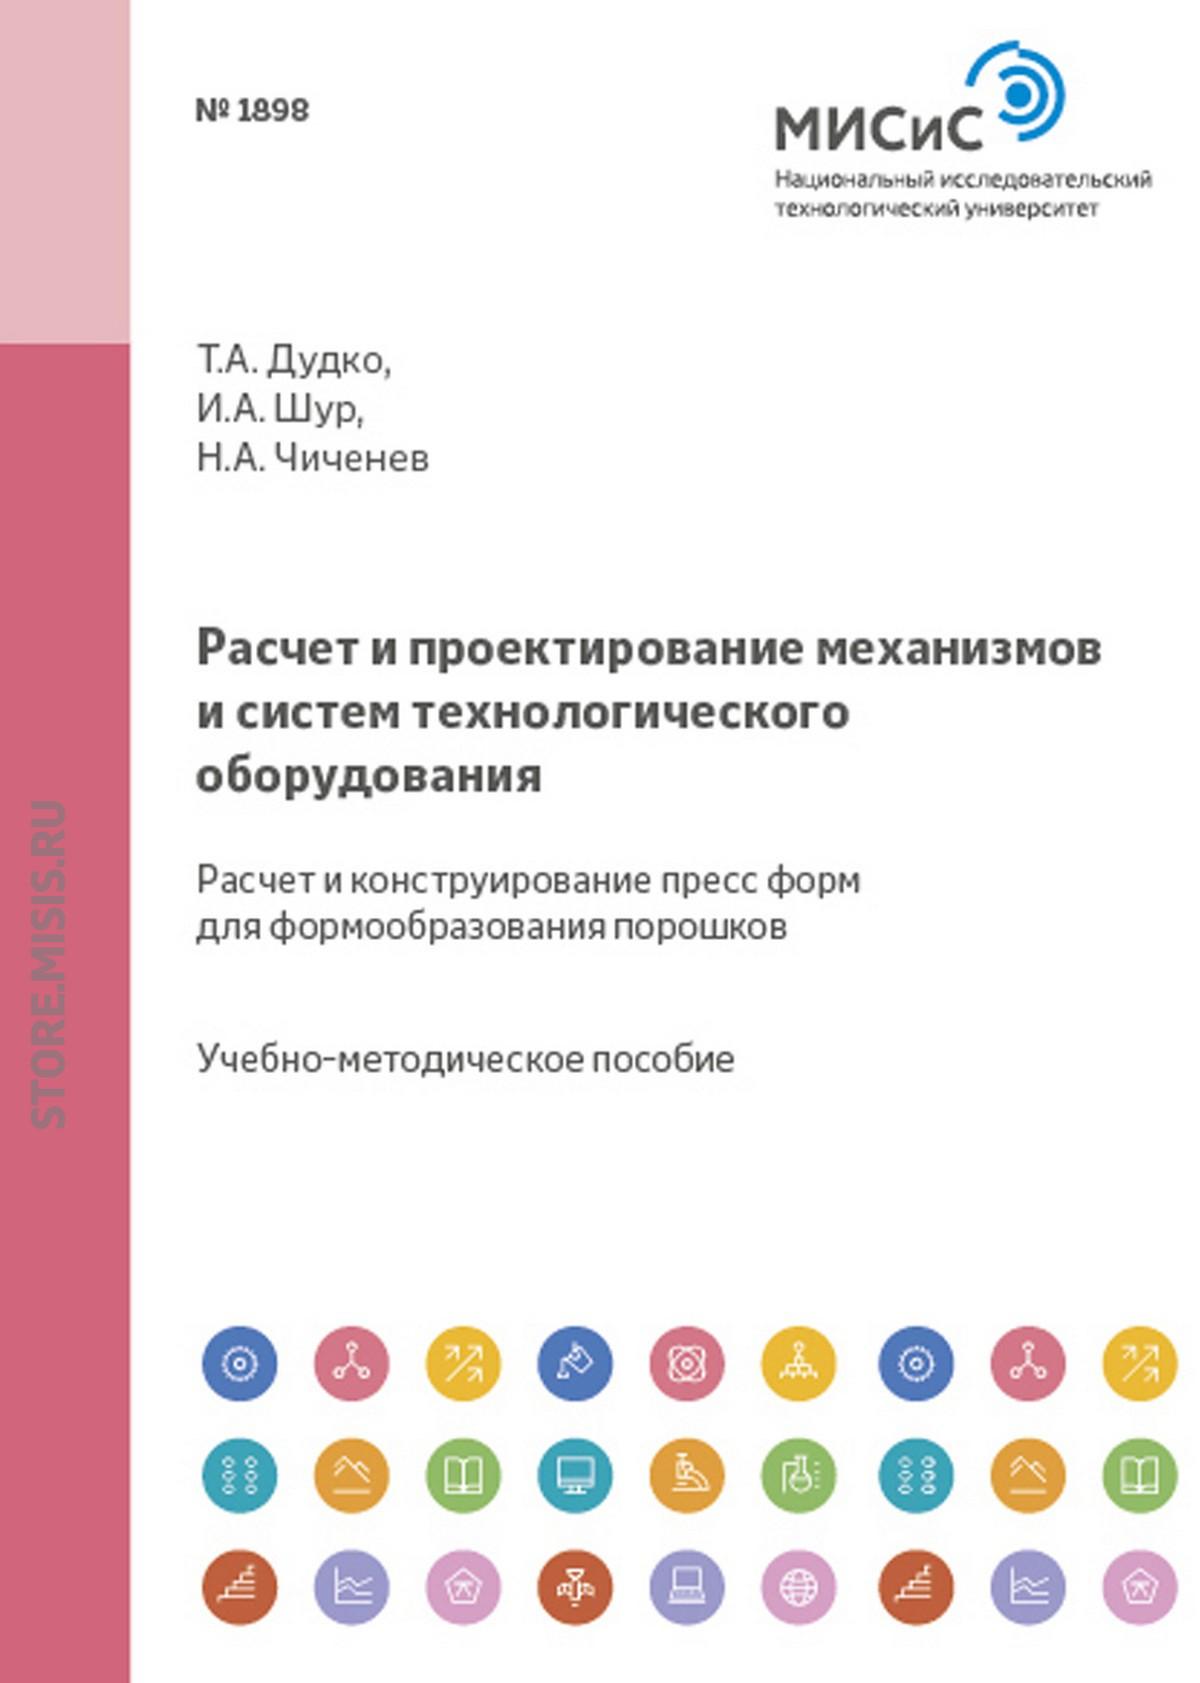 Н. А. Чиченев Расчет и проектирование механизмов и систем технологического оборудования. Расчет и конструирование пресс-форм для формообразования порошков